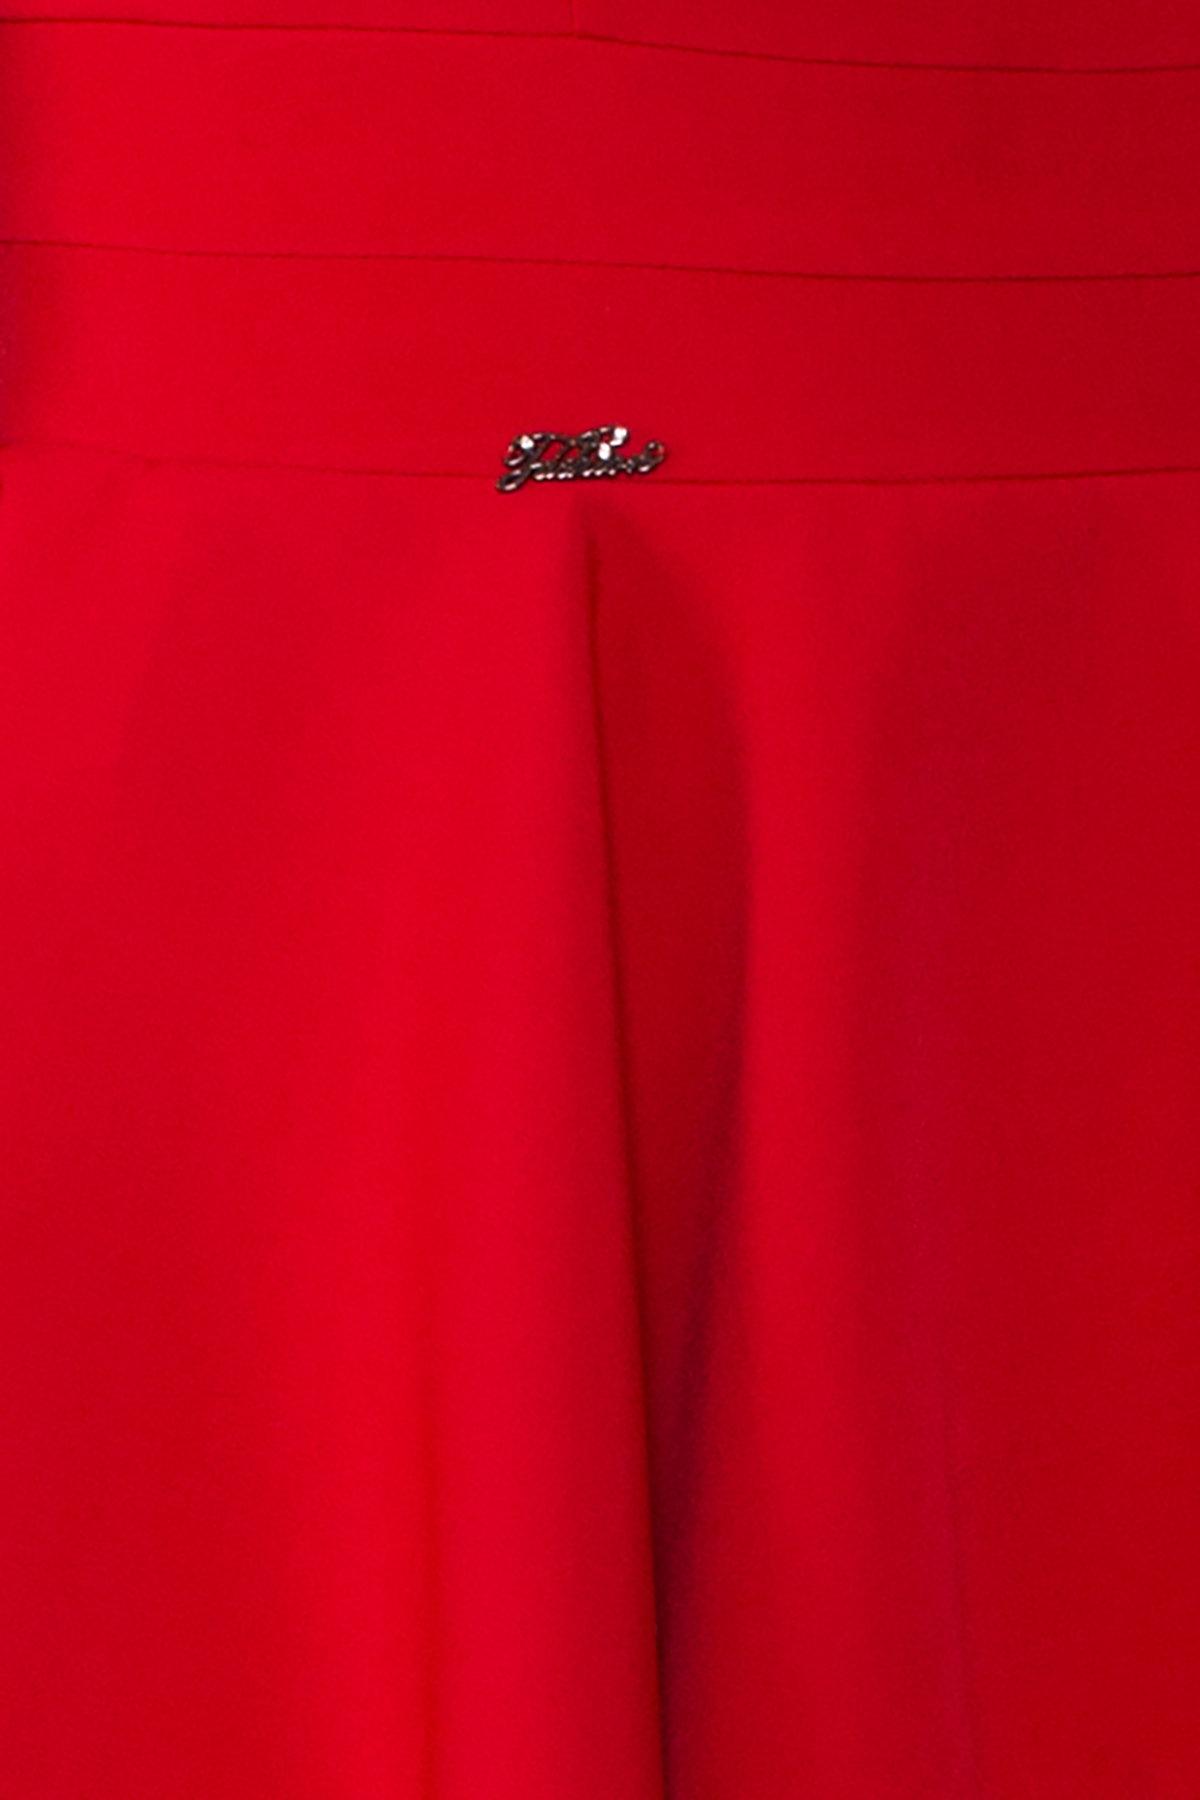 Платье Симур 5913 АРТ. 40634 Цвет: Красный - фото 4, интернет магазин tm-modus.ru